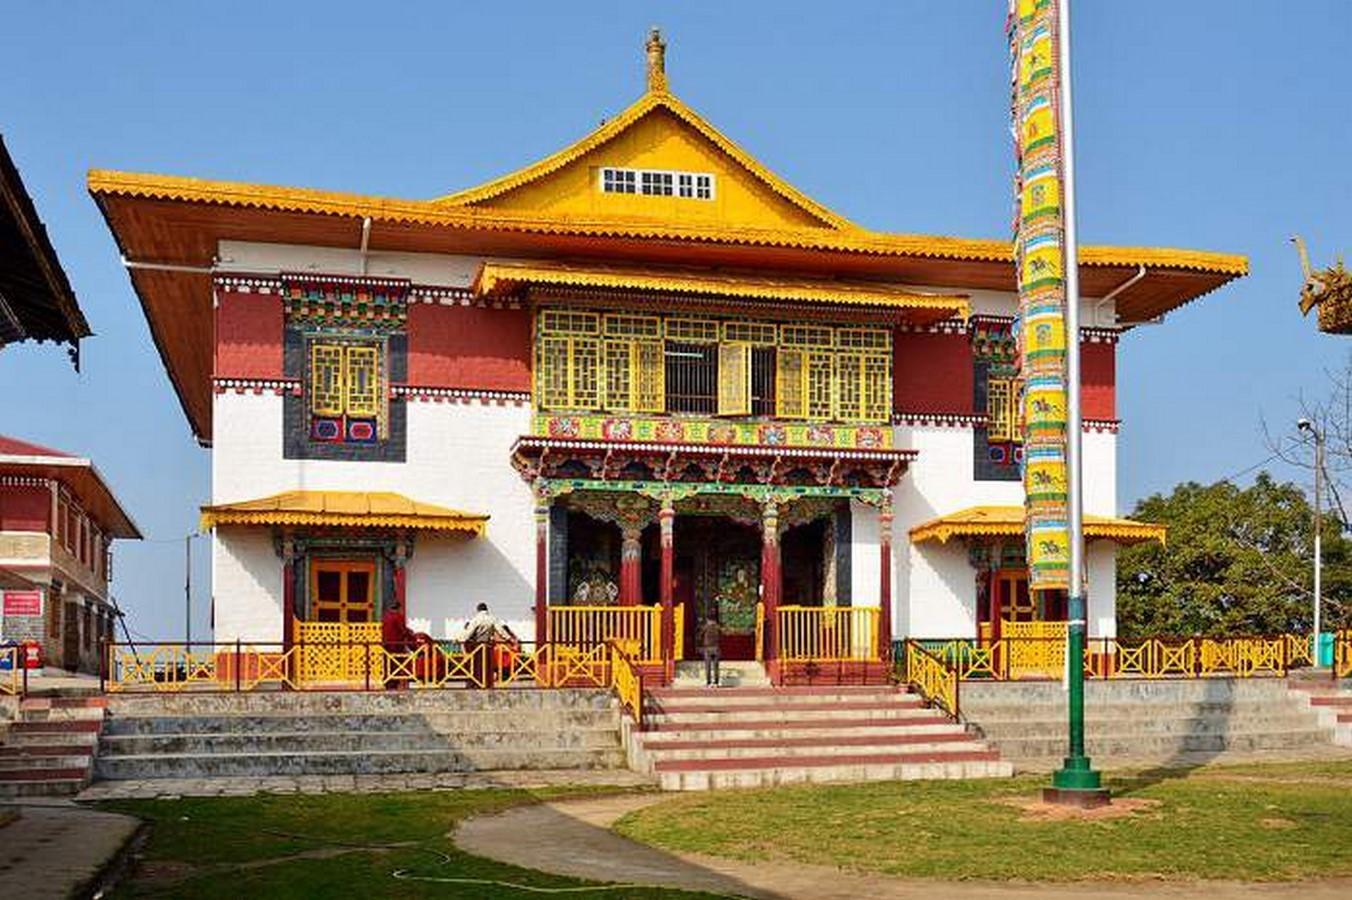 Pemayangtse Monastery - sheet1